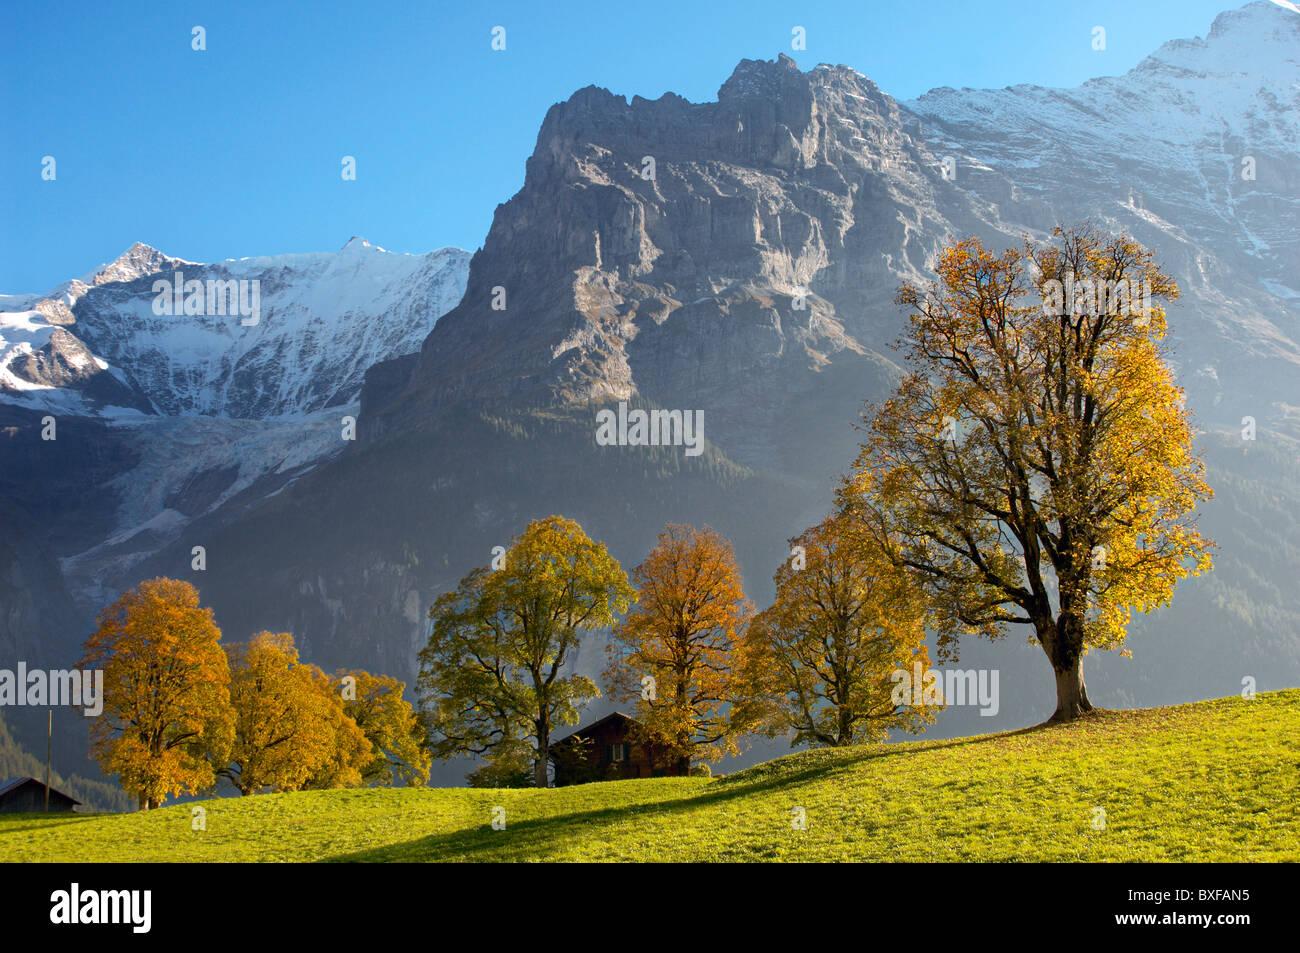 Herbstliche Bäume in den Schweizer Alpen, Grindelwald, Schweiz Stockbild